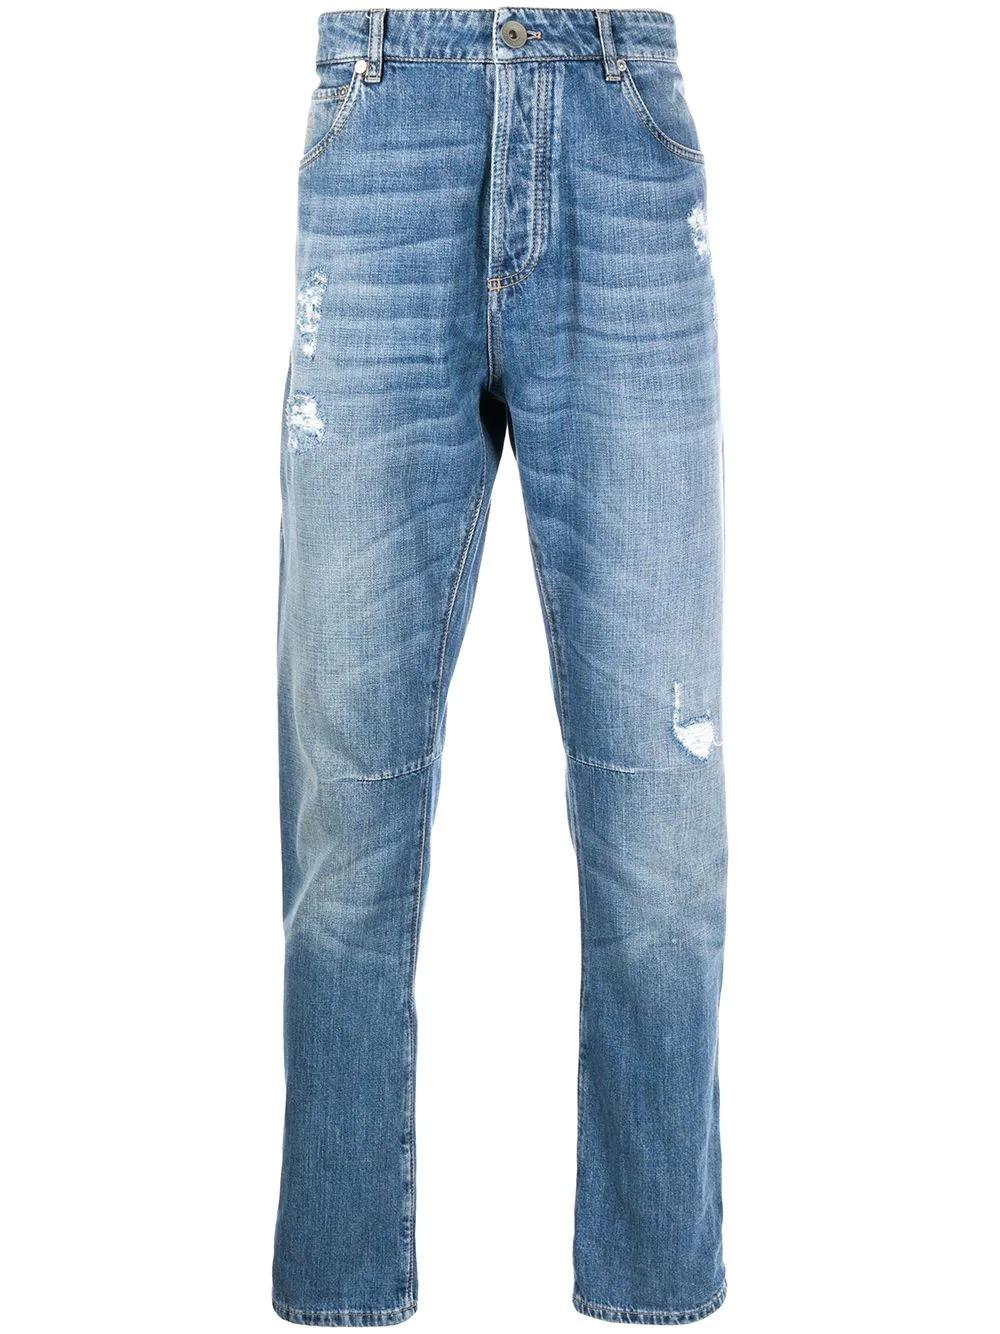 Brunello Cucinelli Straight-Leg Jeans, best designer jeans for men